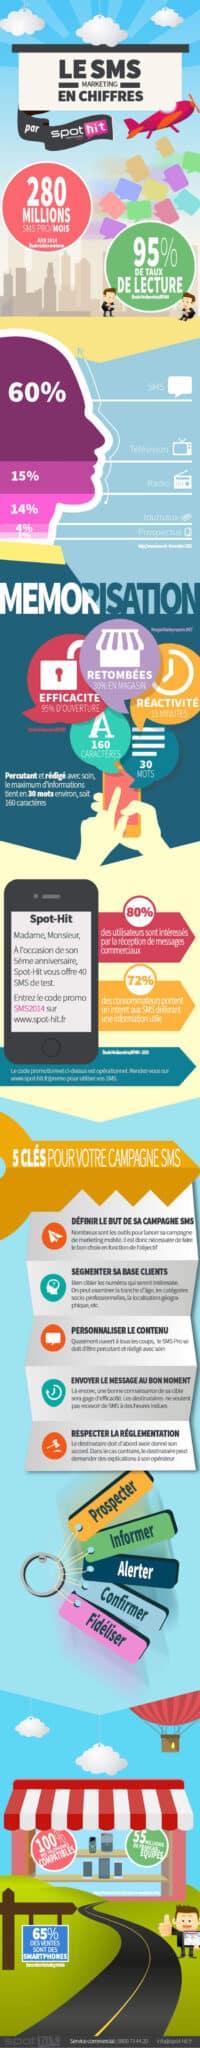 Campagne SMS Pro : point sur une stratégie de communication qui fonctionne